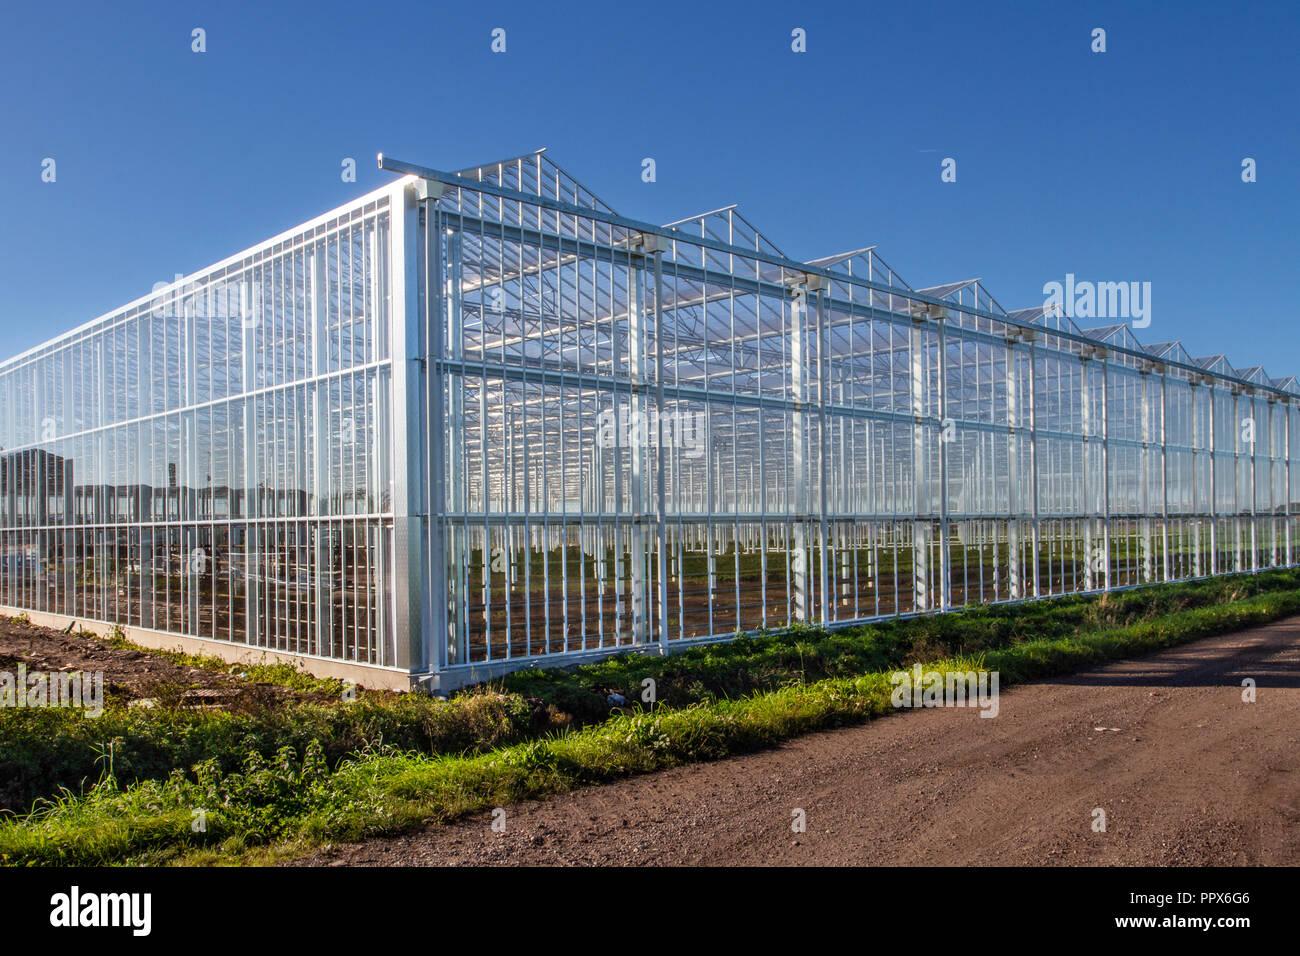 Tarleton metallo di grandi strutture agricole con illuminazione